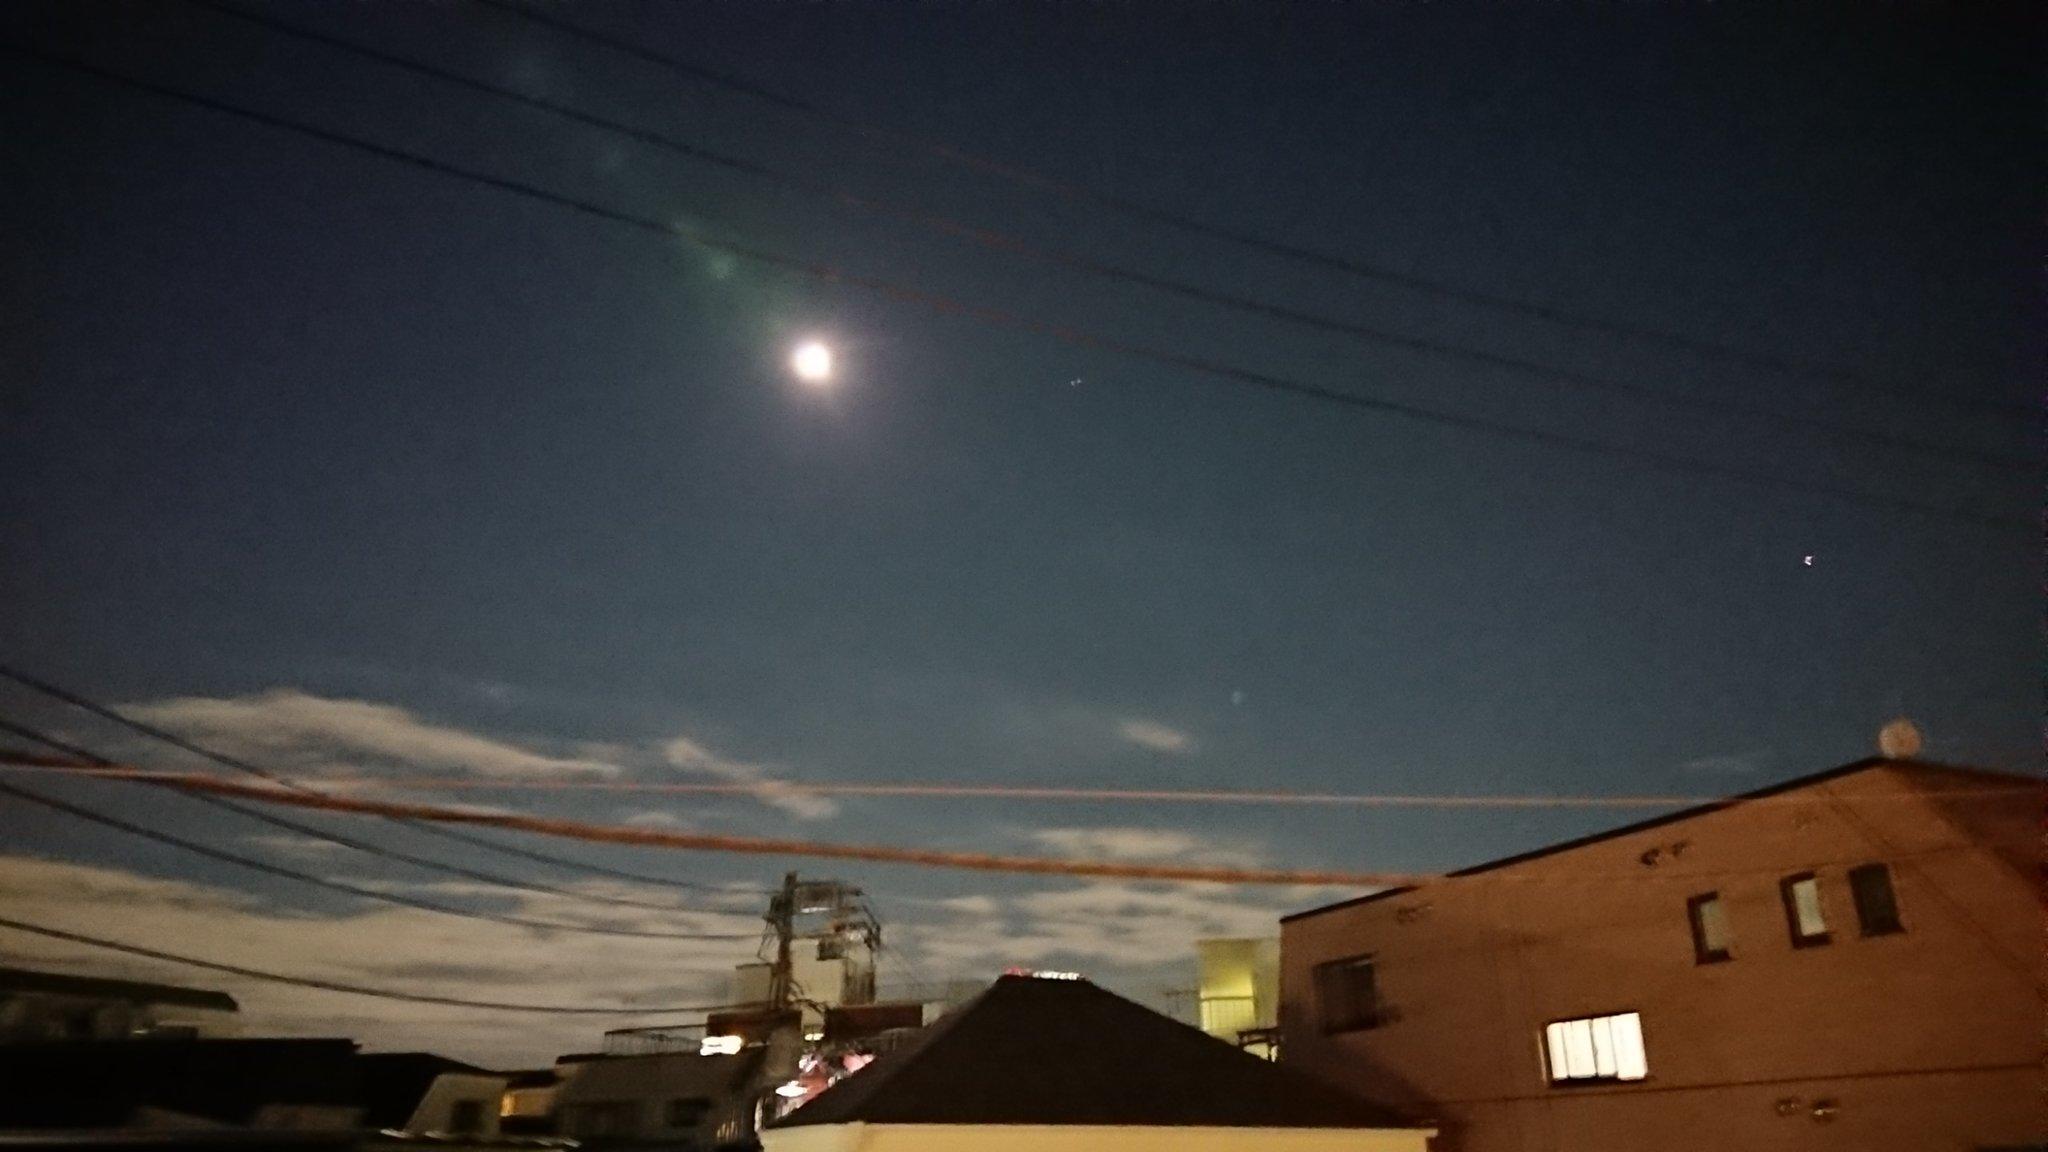 画像,台風一過で月と宵の明星が明るいですが、いまだ蒸し暑い❗。停電の地域も千葉を中心にまだ多く、無事に乗りきってください。 https://t.co/CTv8hBwi…